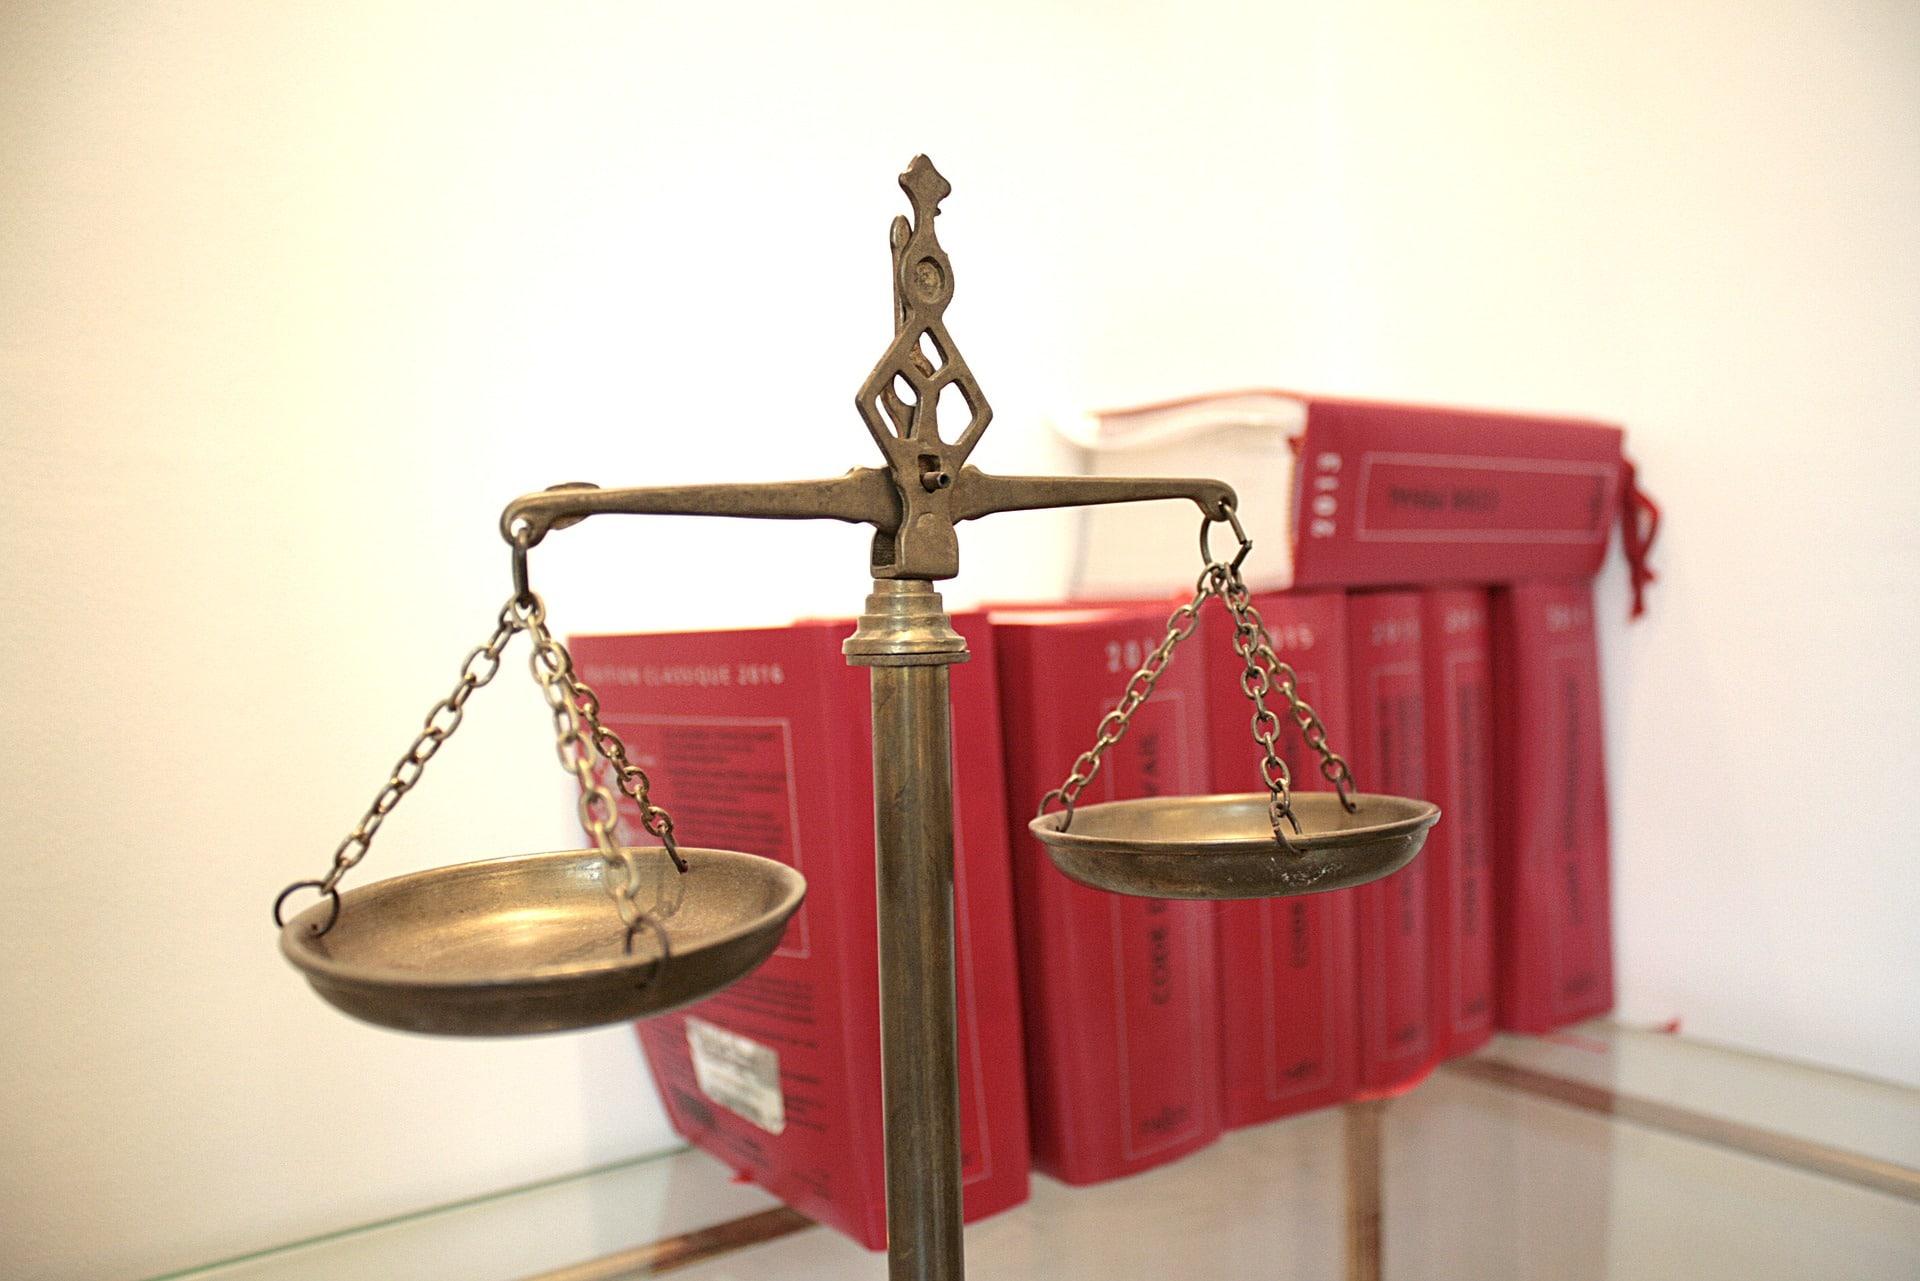 ניהול תיק בבתי משפט לענייני משפחה